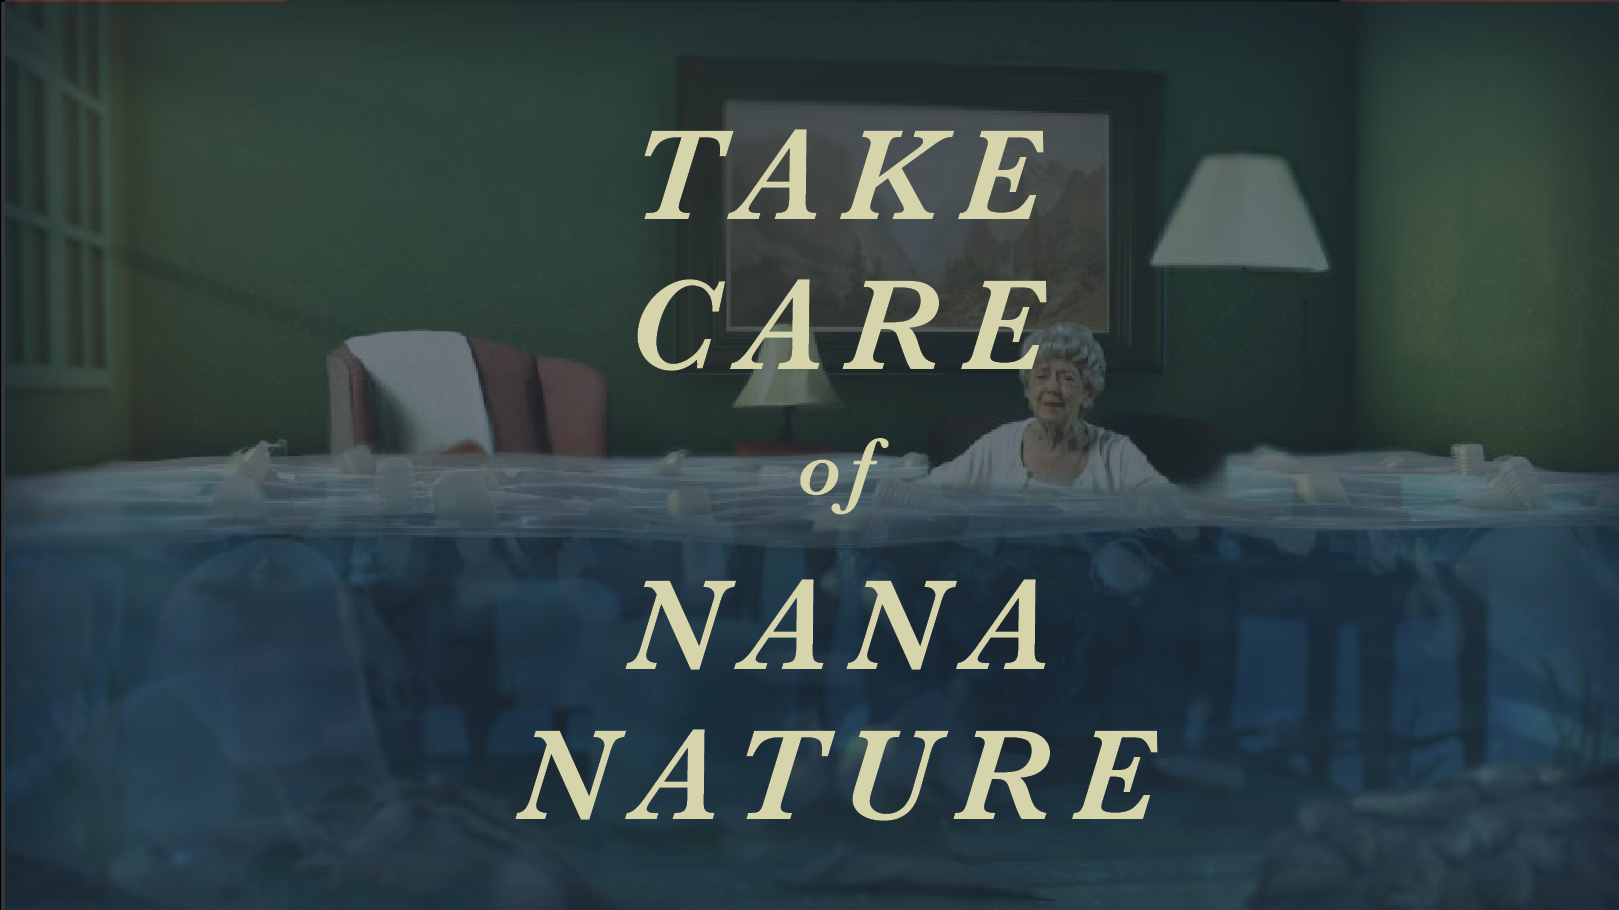 Take+Care+of+NanaNature.png